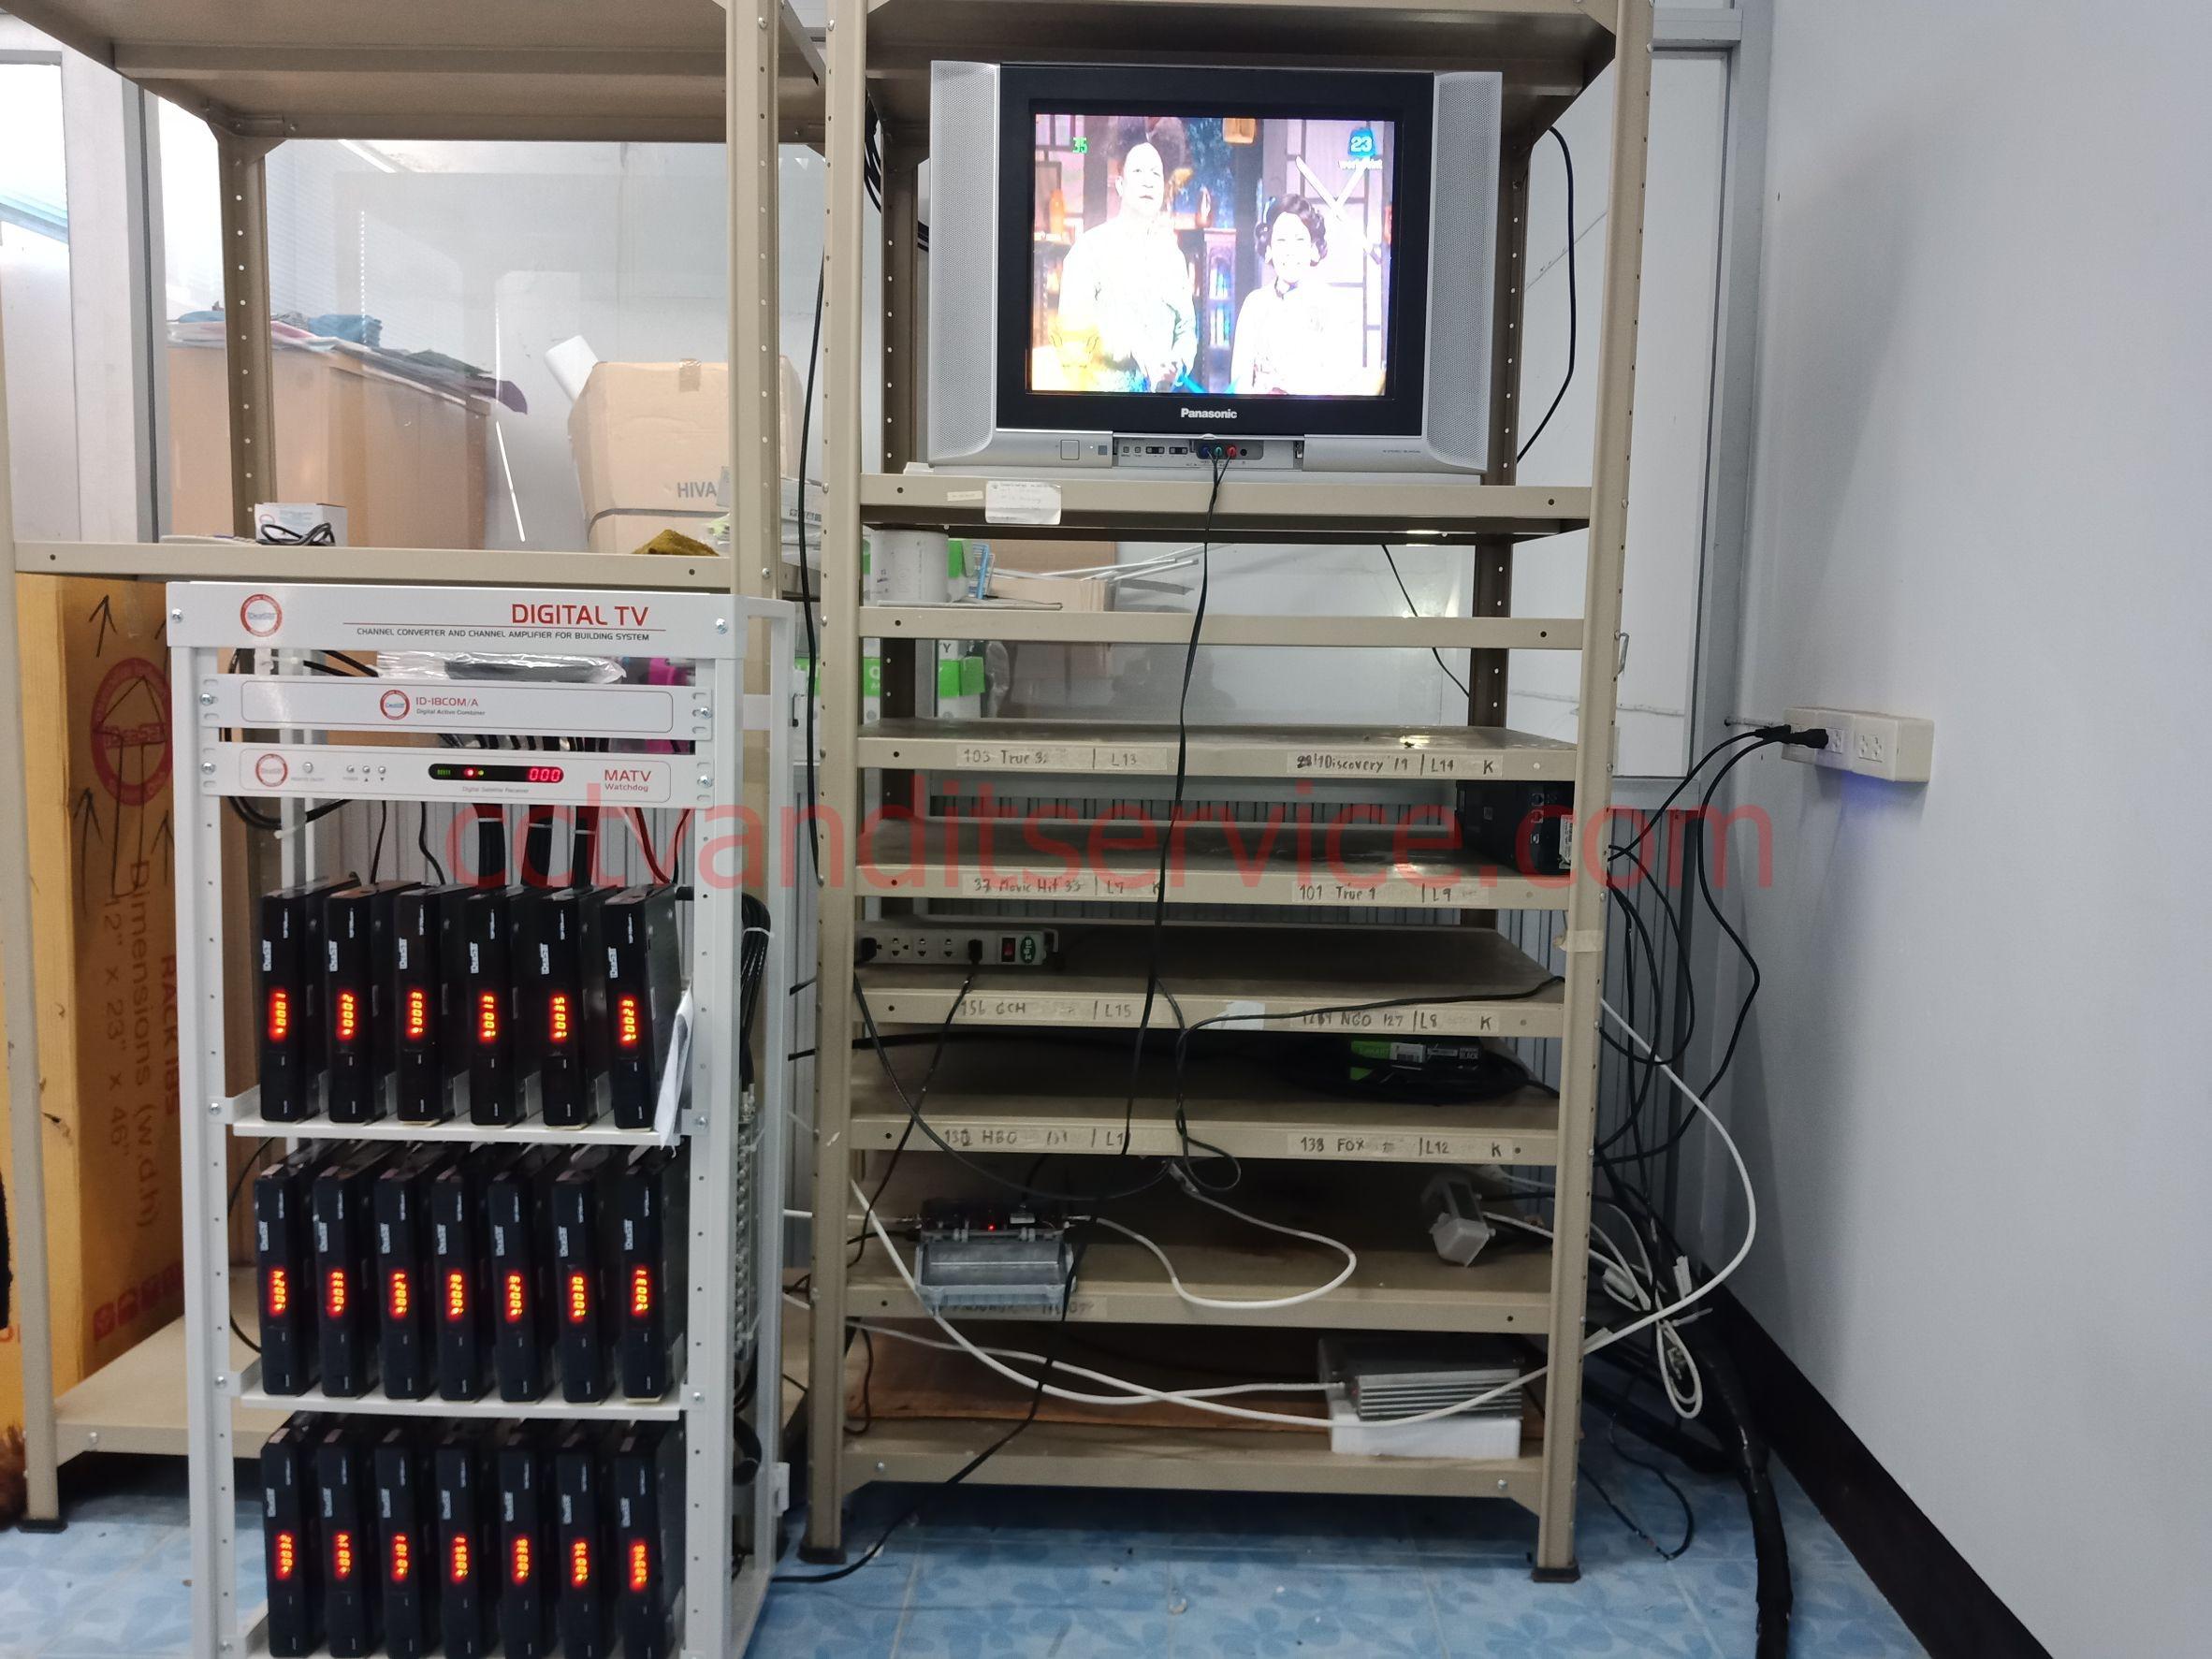 เชียงใหม่ ติดตั้งระบบMATV ไม่มีรายเดือน รายปี cable TV กับ TV digital กล้องวงจรปิด กันขโมย ดิจิตอลทีวี เคเบิลทีวีหอพักราคาประหยัดแบบดูฟรีไม่มีรายเดือน